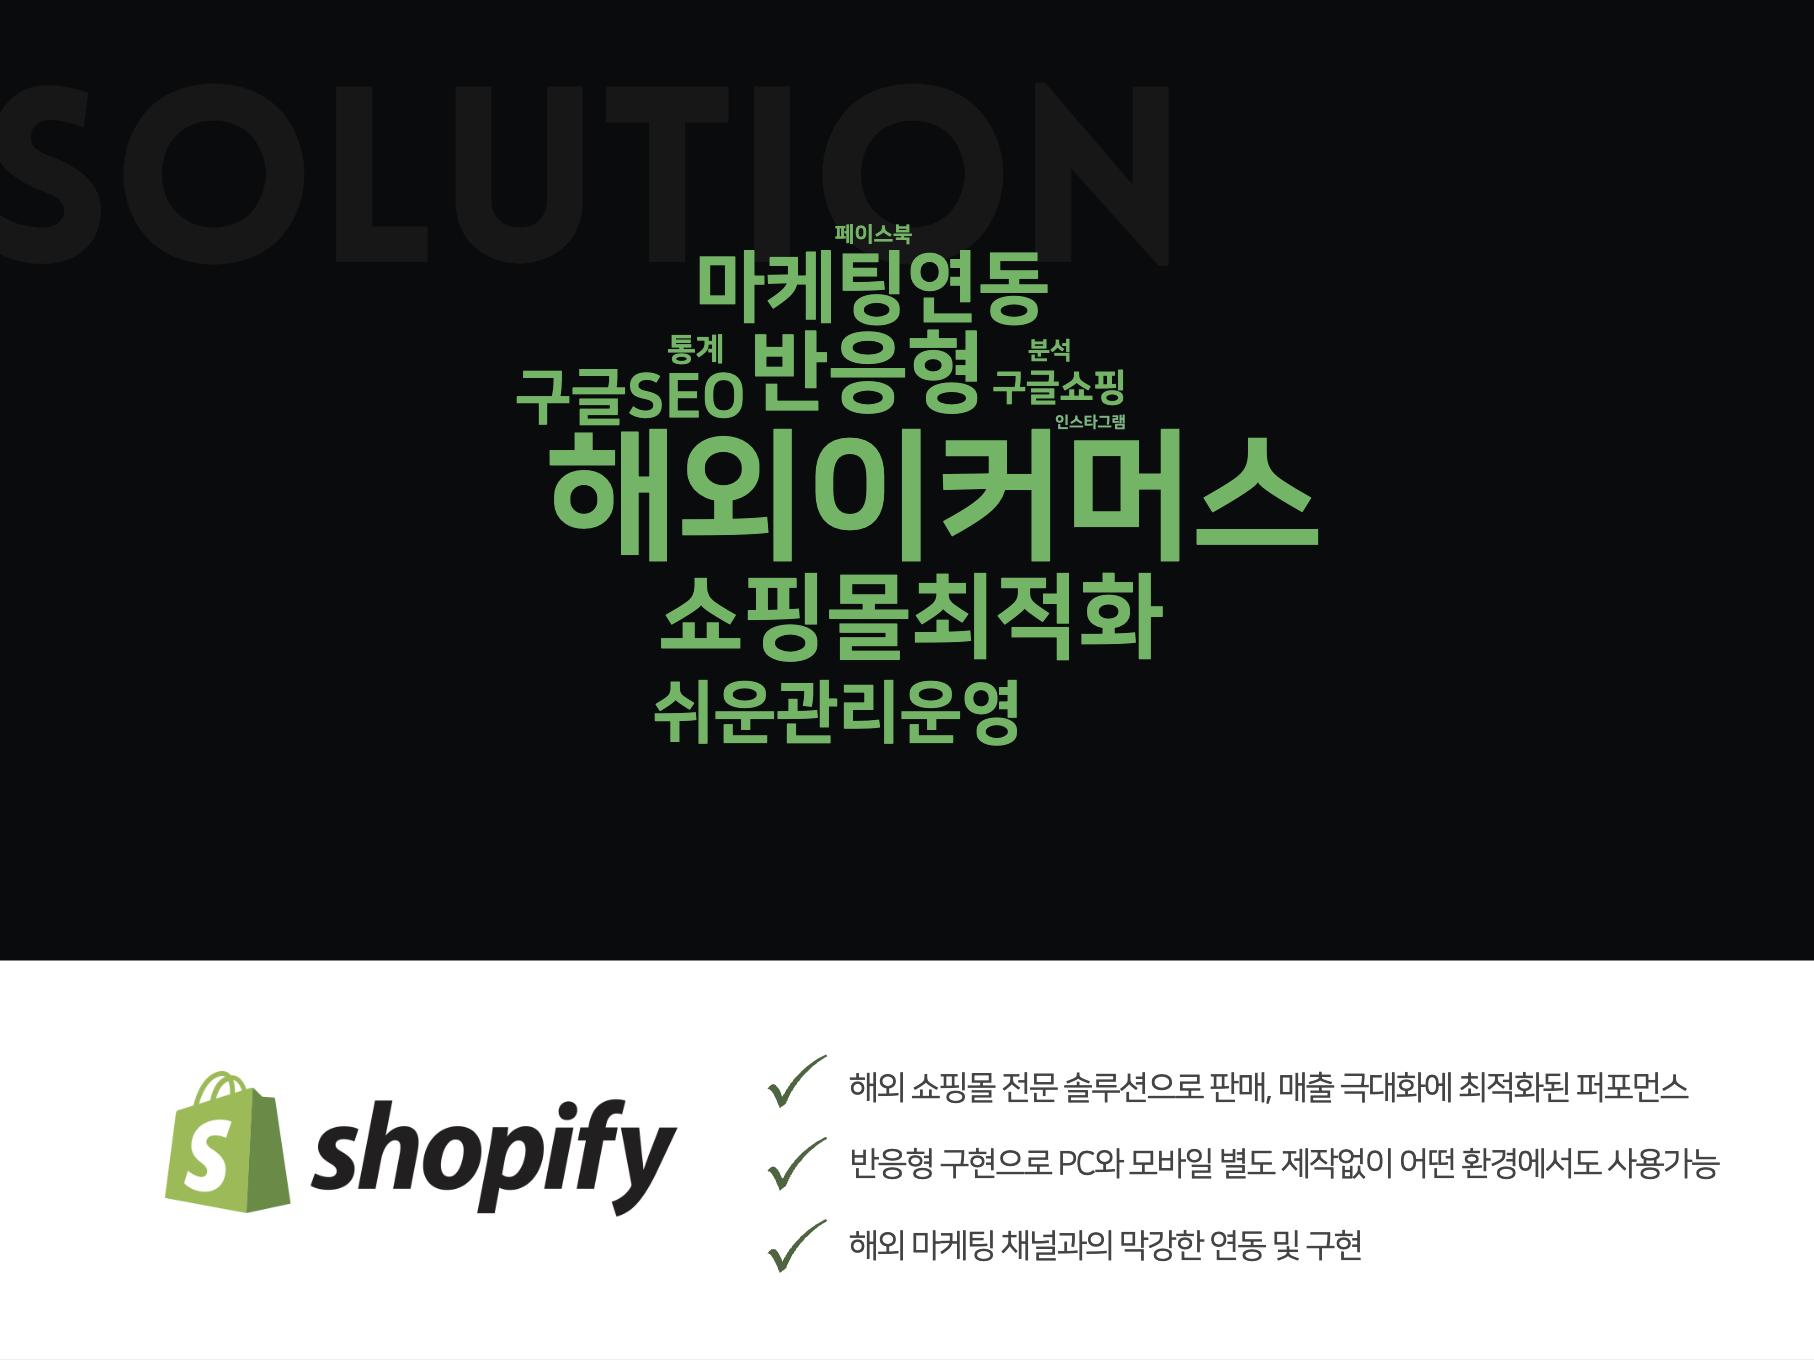 2021년-쇼피파이-글로벌-쇼핑몰-장점-태그구름